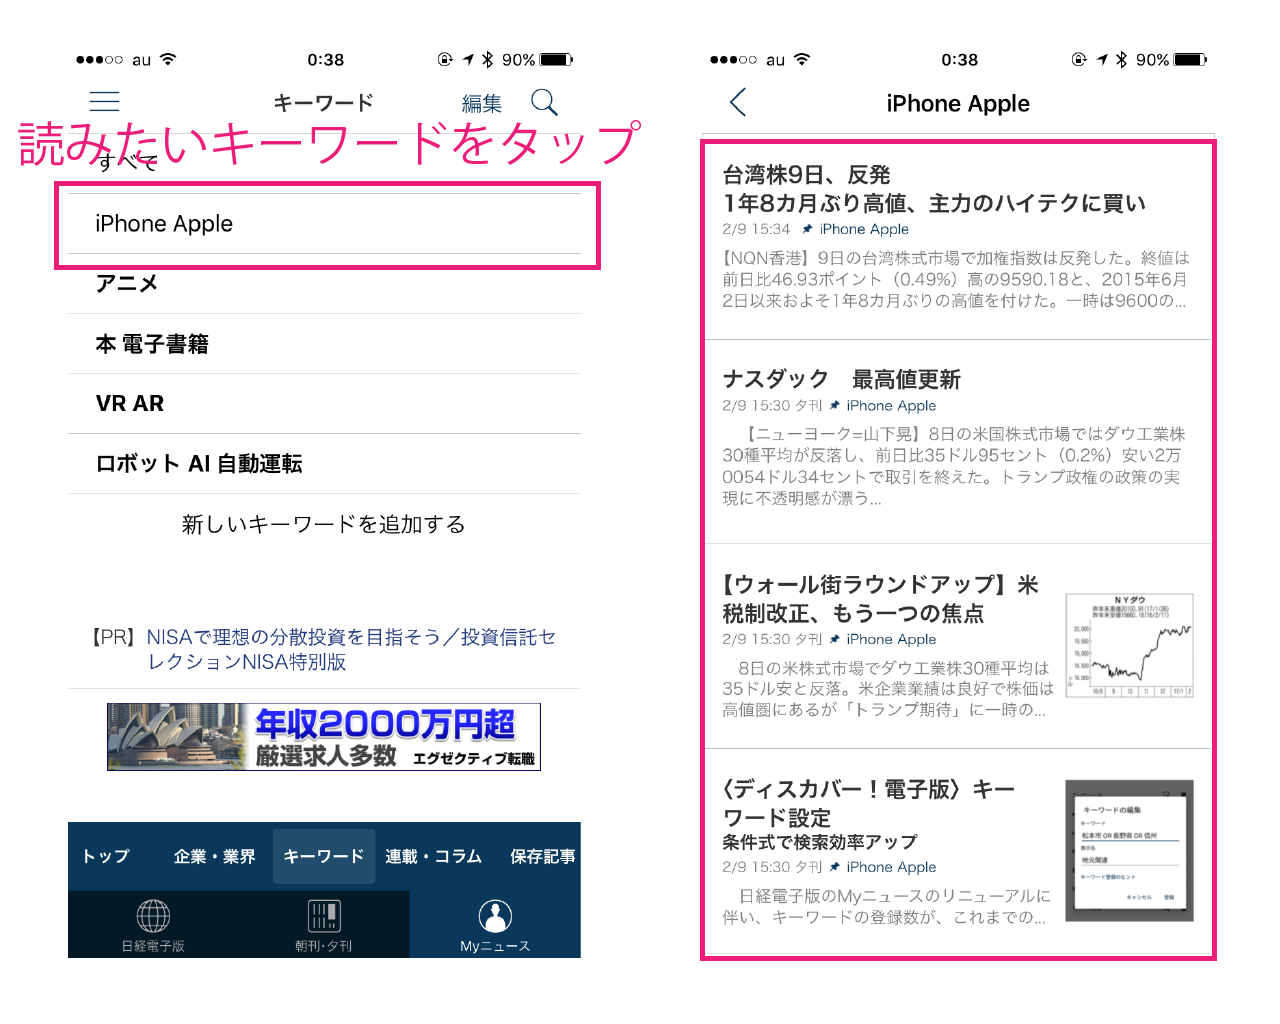 nikkei-news-digital-app-keyword-setting-iphone-ipad-6